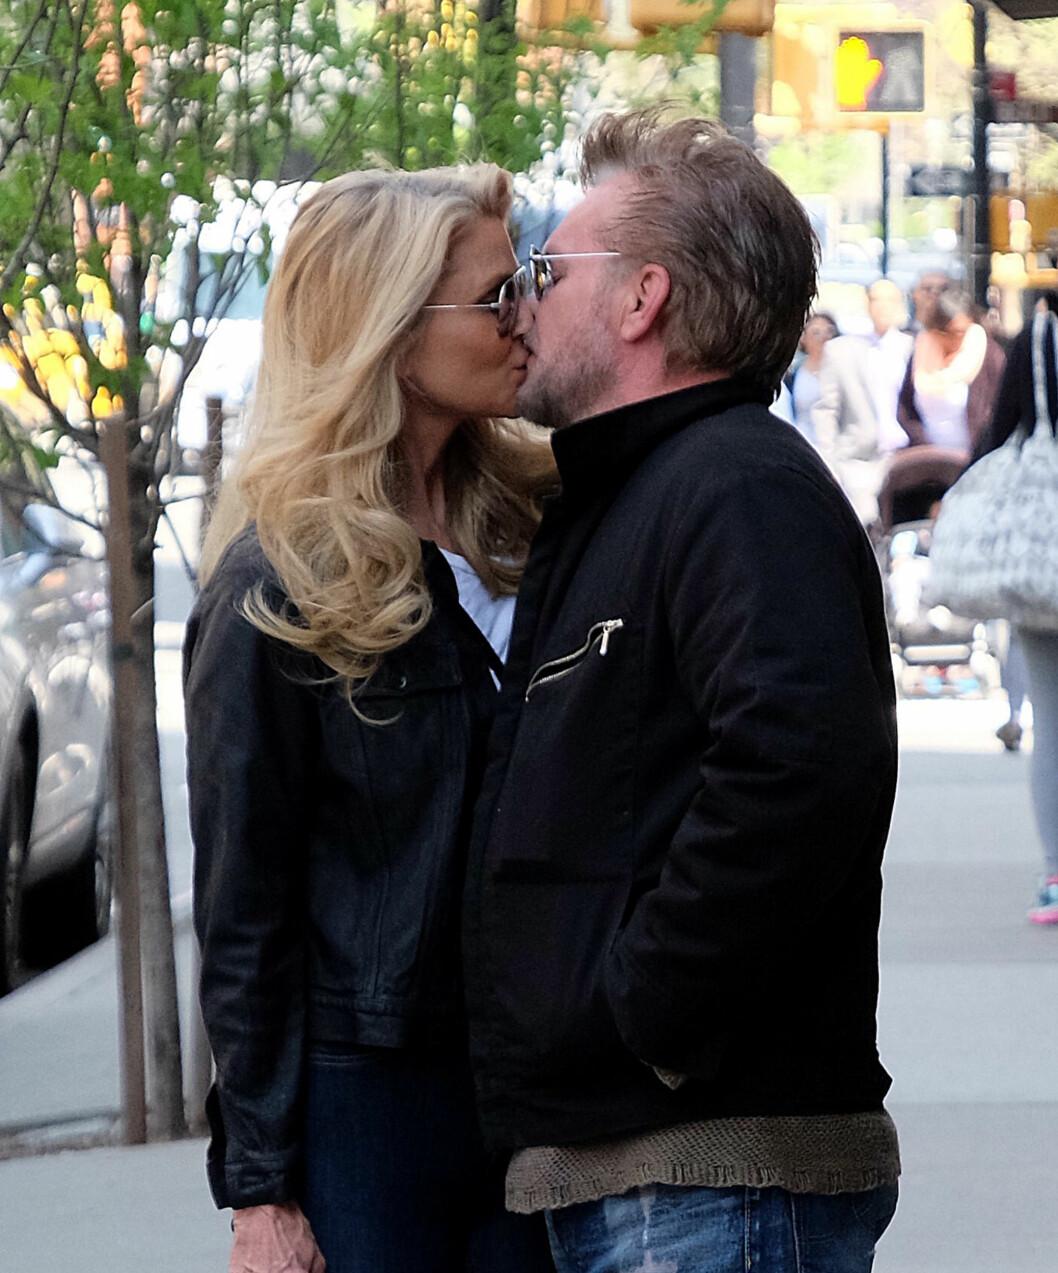 FRA LYKKELIGE TIDER: Christie og John var ikke redd for å vise følelsene i full offentlighet. Her på en spasertur i New York i vår.  Foto: Splash News